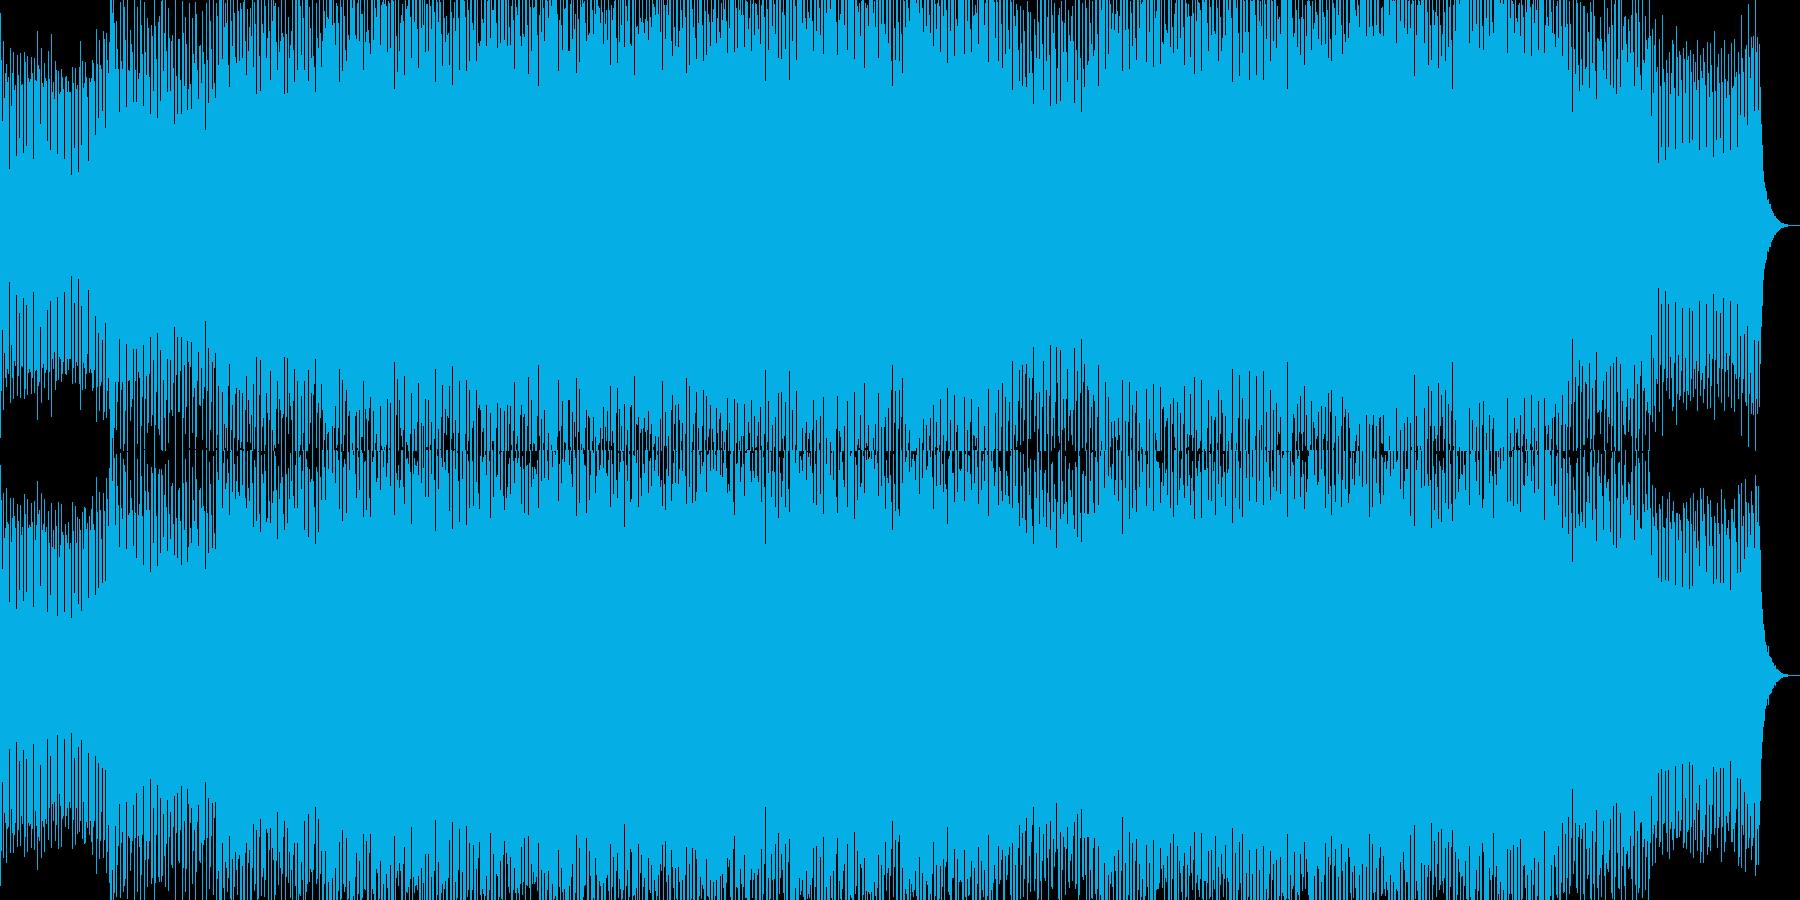 軽快でエネルギッシュなポップロックBGMの再生済みの波形